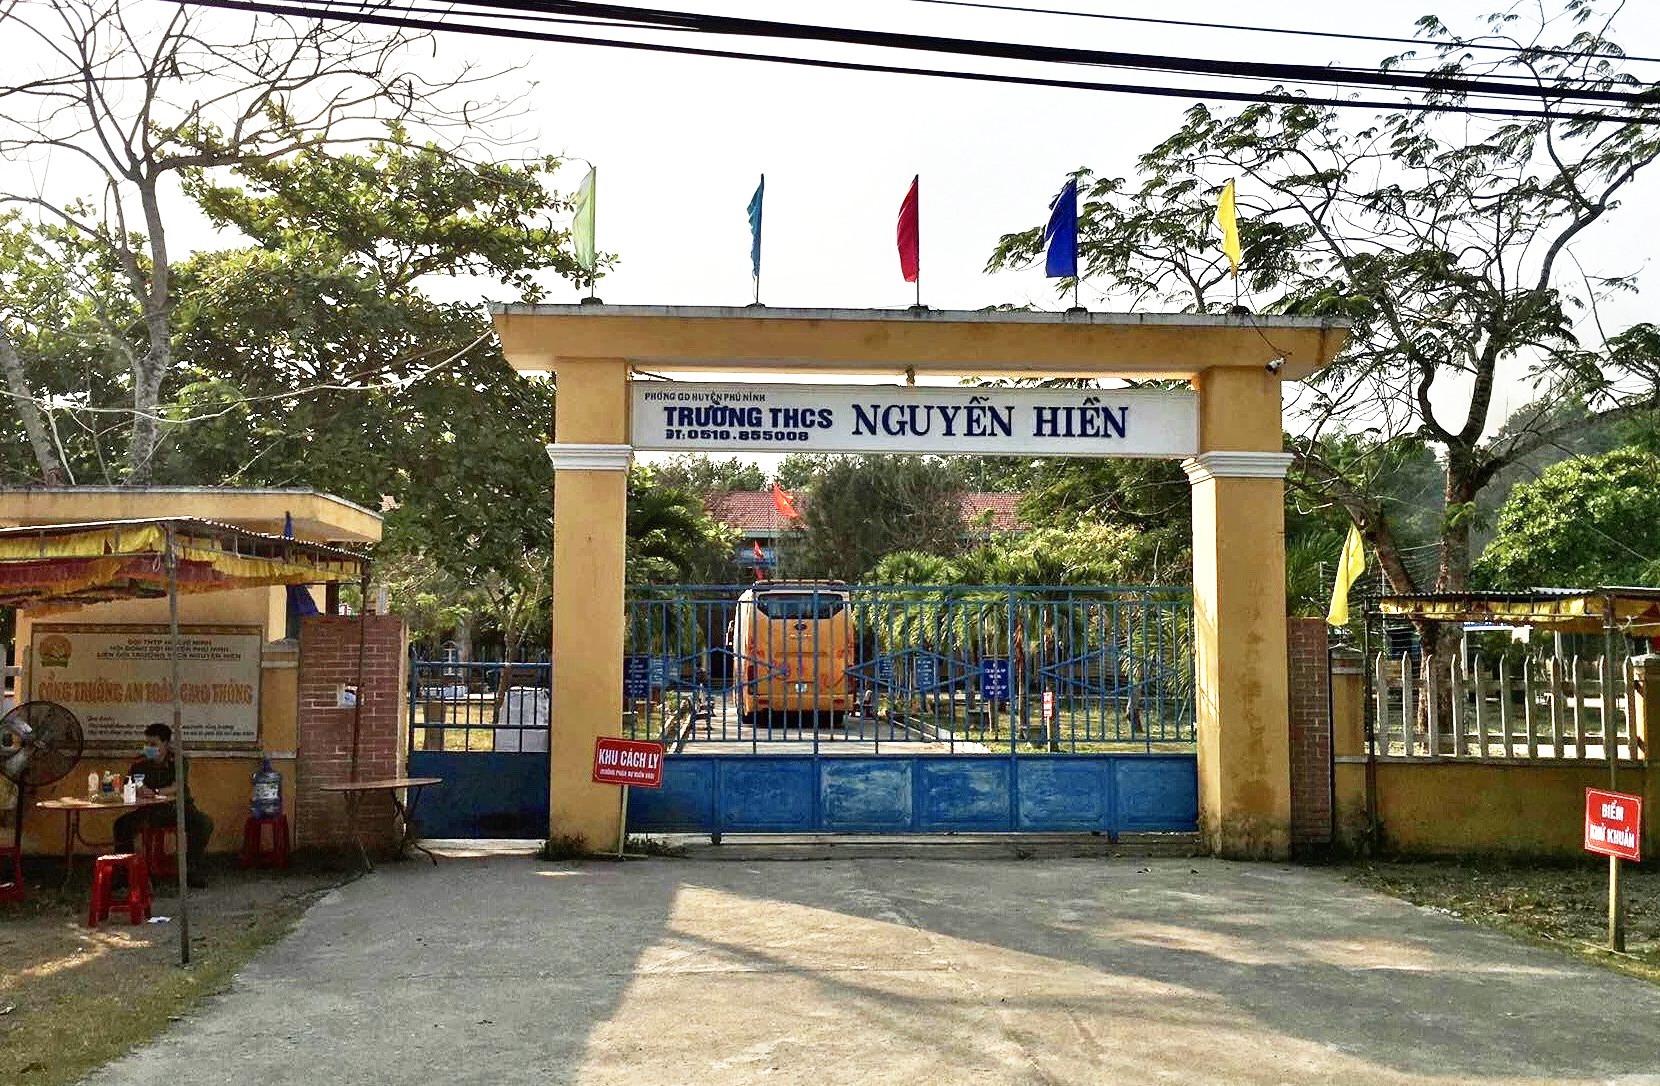 Trường THCS Nguyễn Hiền (thị trấn Phú Thịnh) được trưng dụng tạm thời làm khu cách ly tập trung phòng chống dịch Covid-19 huyện Phú Ninh. Ảnh: Đ.C